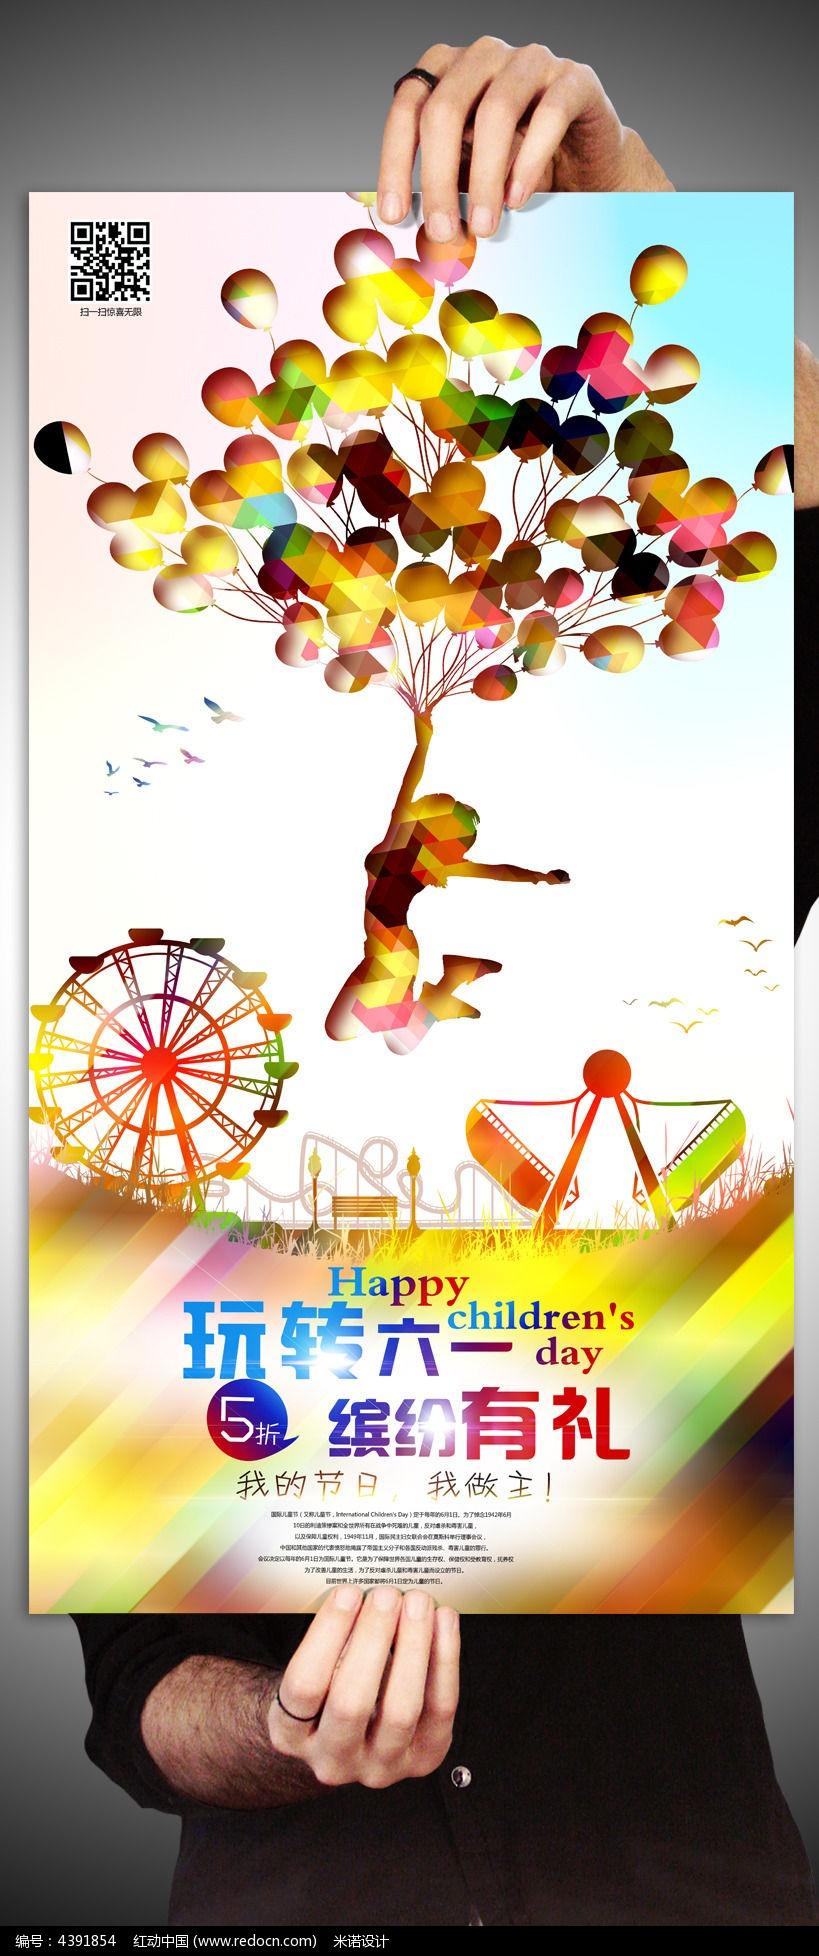 61儿童节 放飞梦想